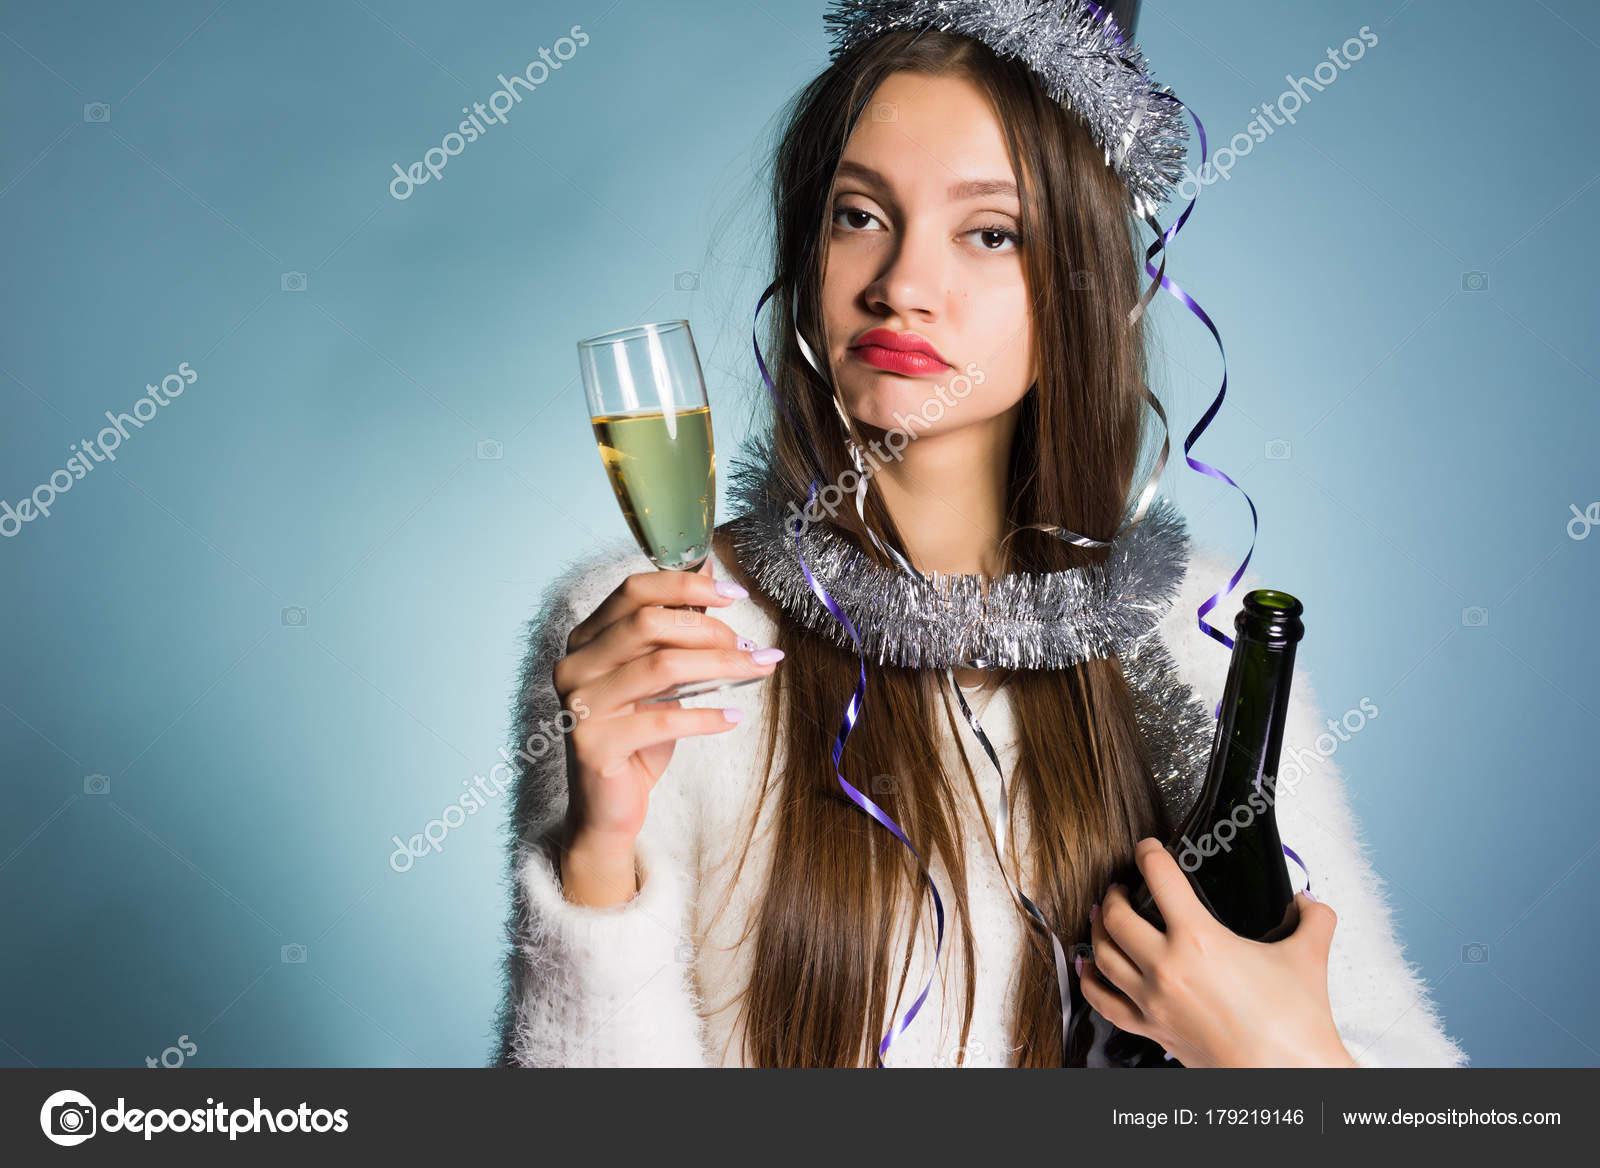 bf9a6a4f8f Chica borracha cansada no duerme toda la noche y celebra el año nuevo,  bebió un montón de champagne - imágenes: graciosas de brujas borrachas —  Foto de ...